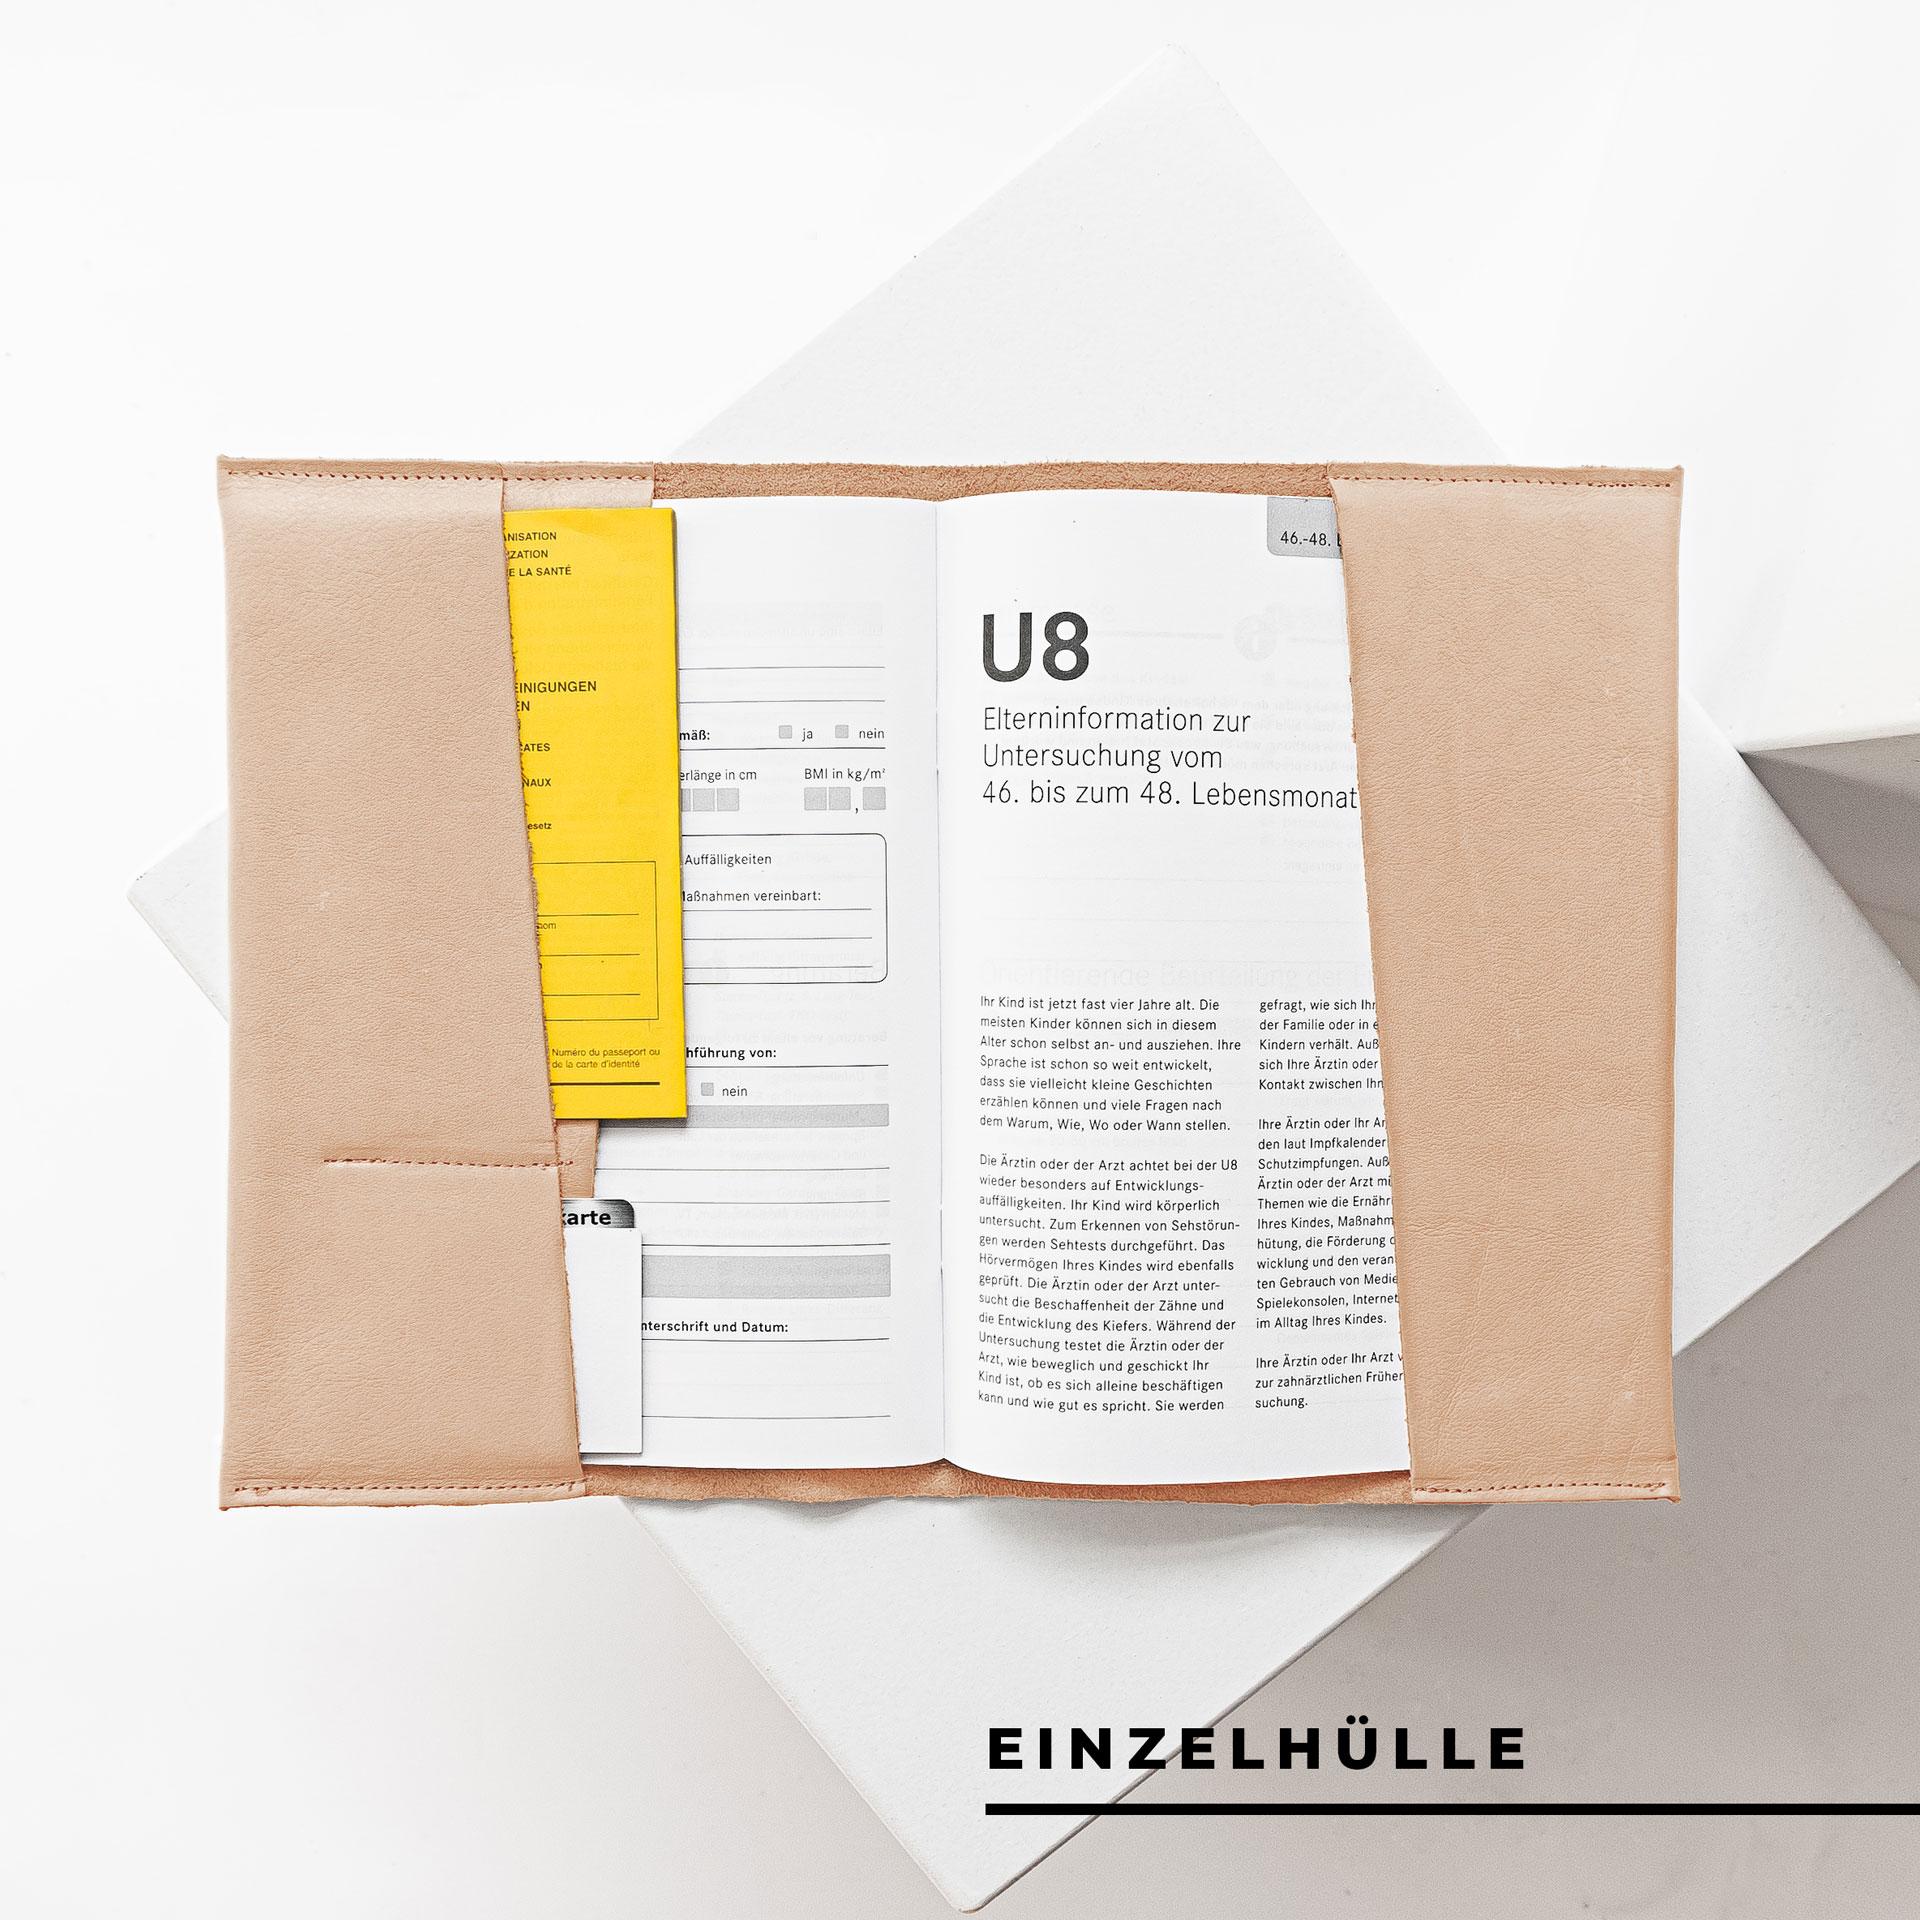 Innenansicht der U-Hefthülle EVE als Einzelhülle in Beige mit U-Heft, Impfpass und Versicherungskarte